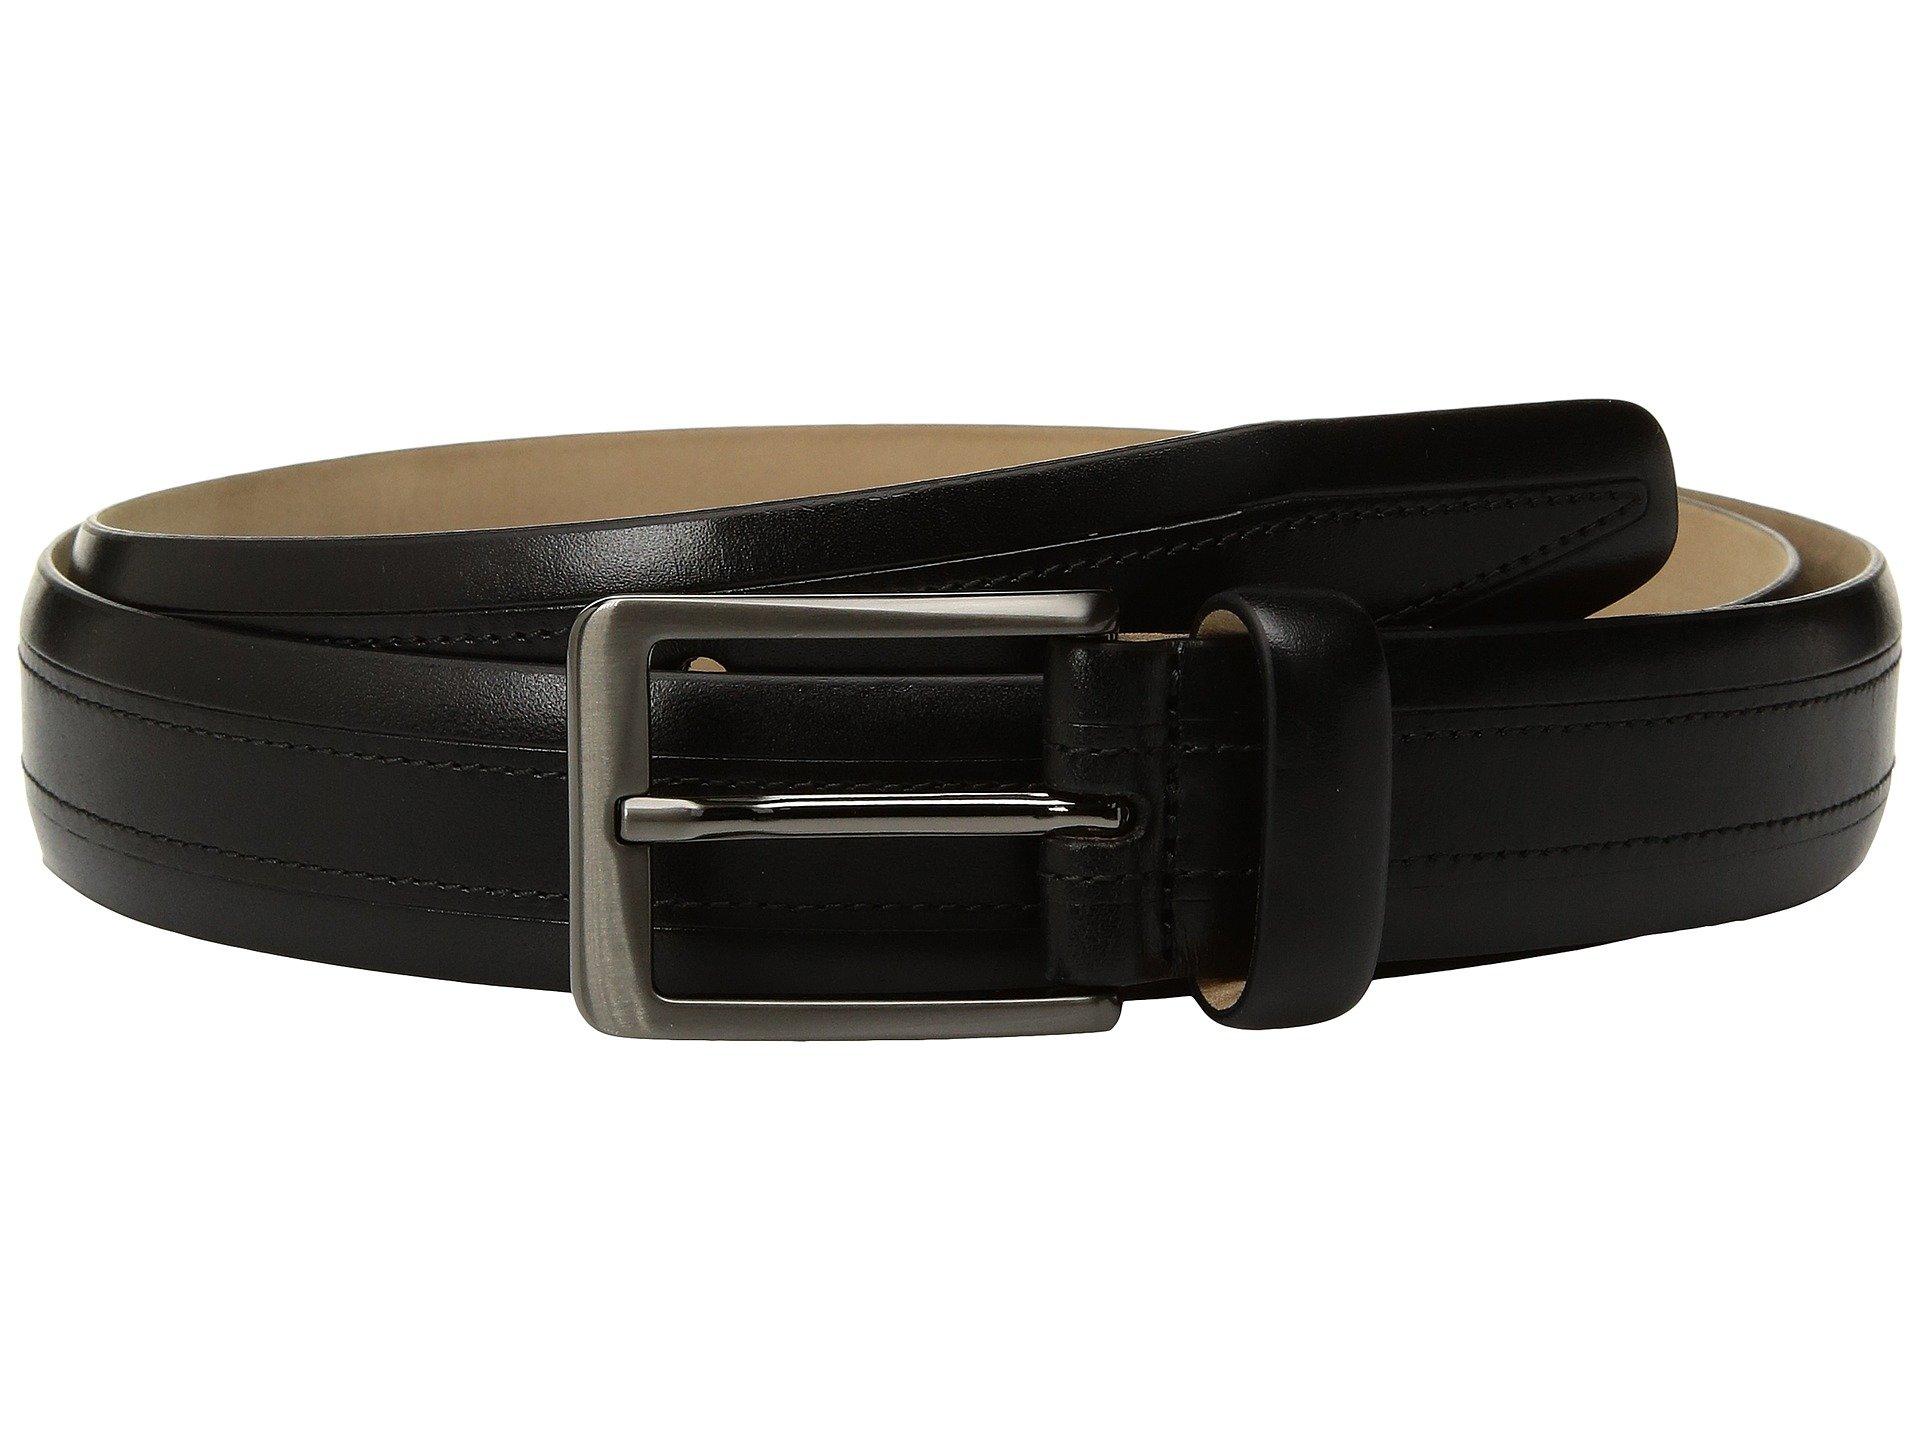 Correa o Cinturon para Hombre Trafalgar Gabriel  + Trafalgar en VeoyCompro.net